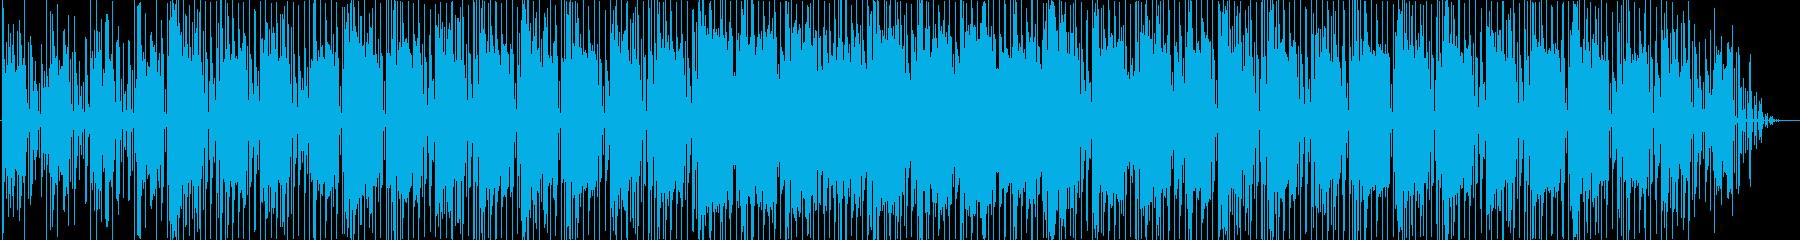 レゲエっぽいエレクトロニカですの再生済みの波形